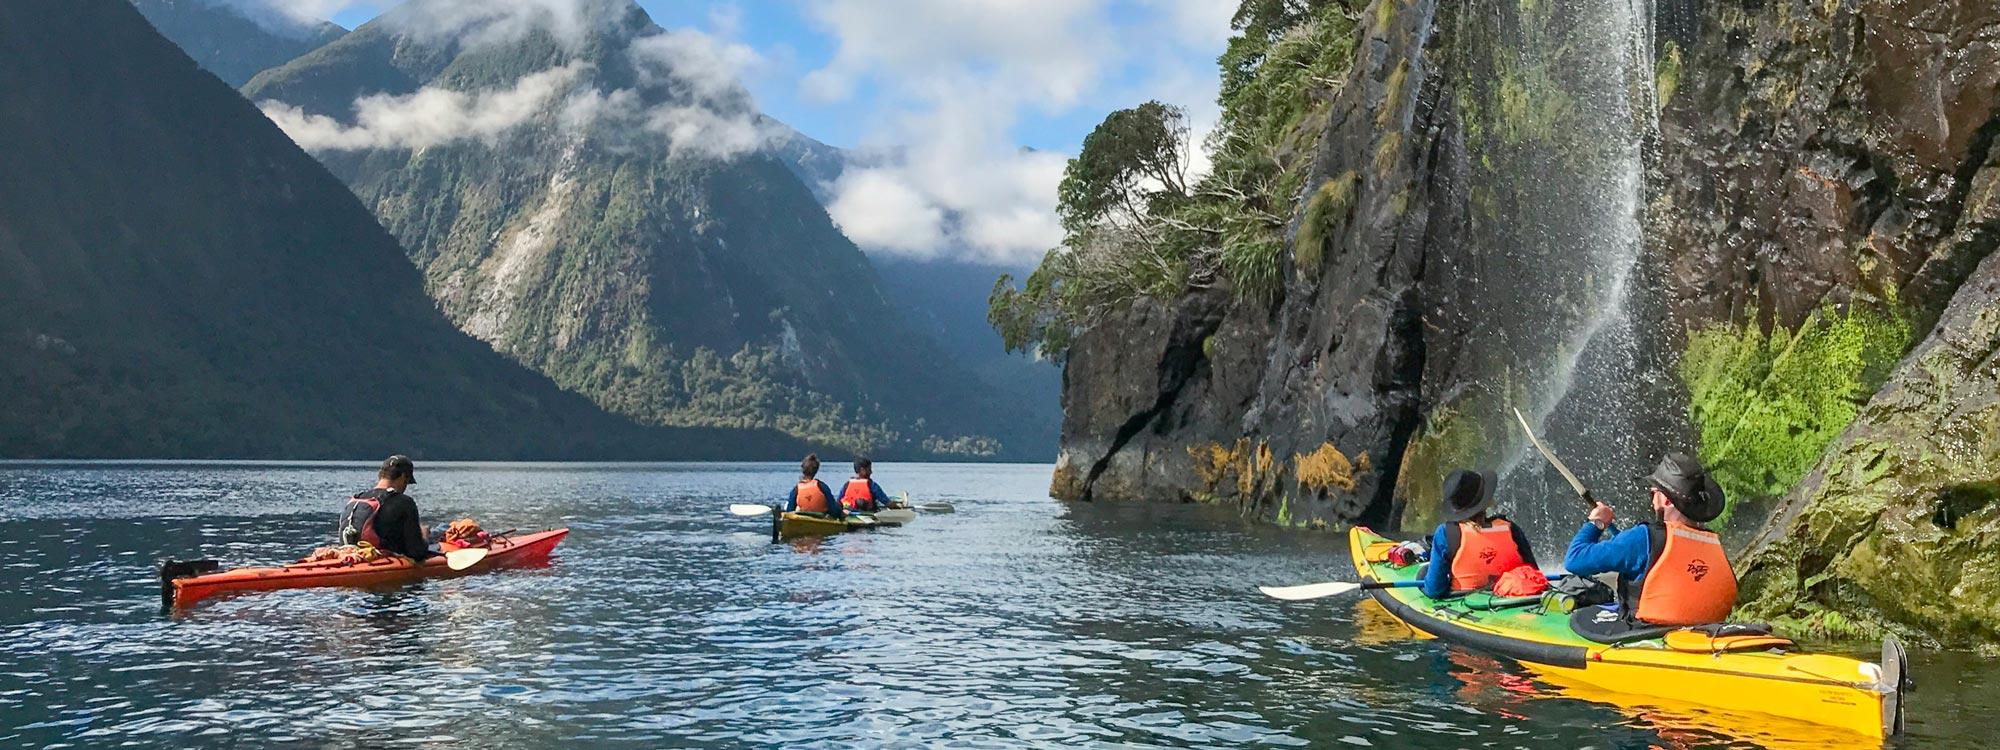 Luxury Kayaking Tour in NZ